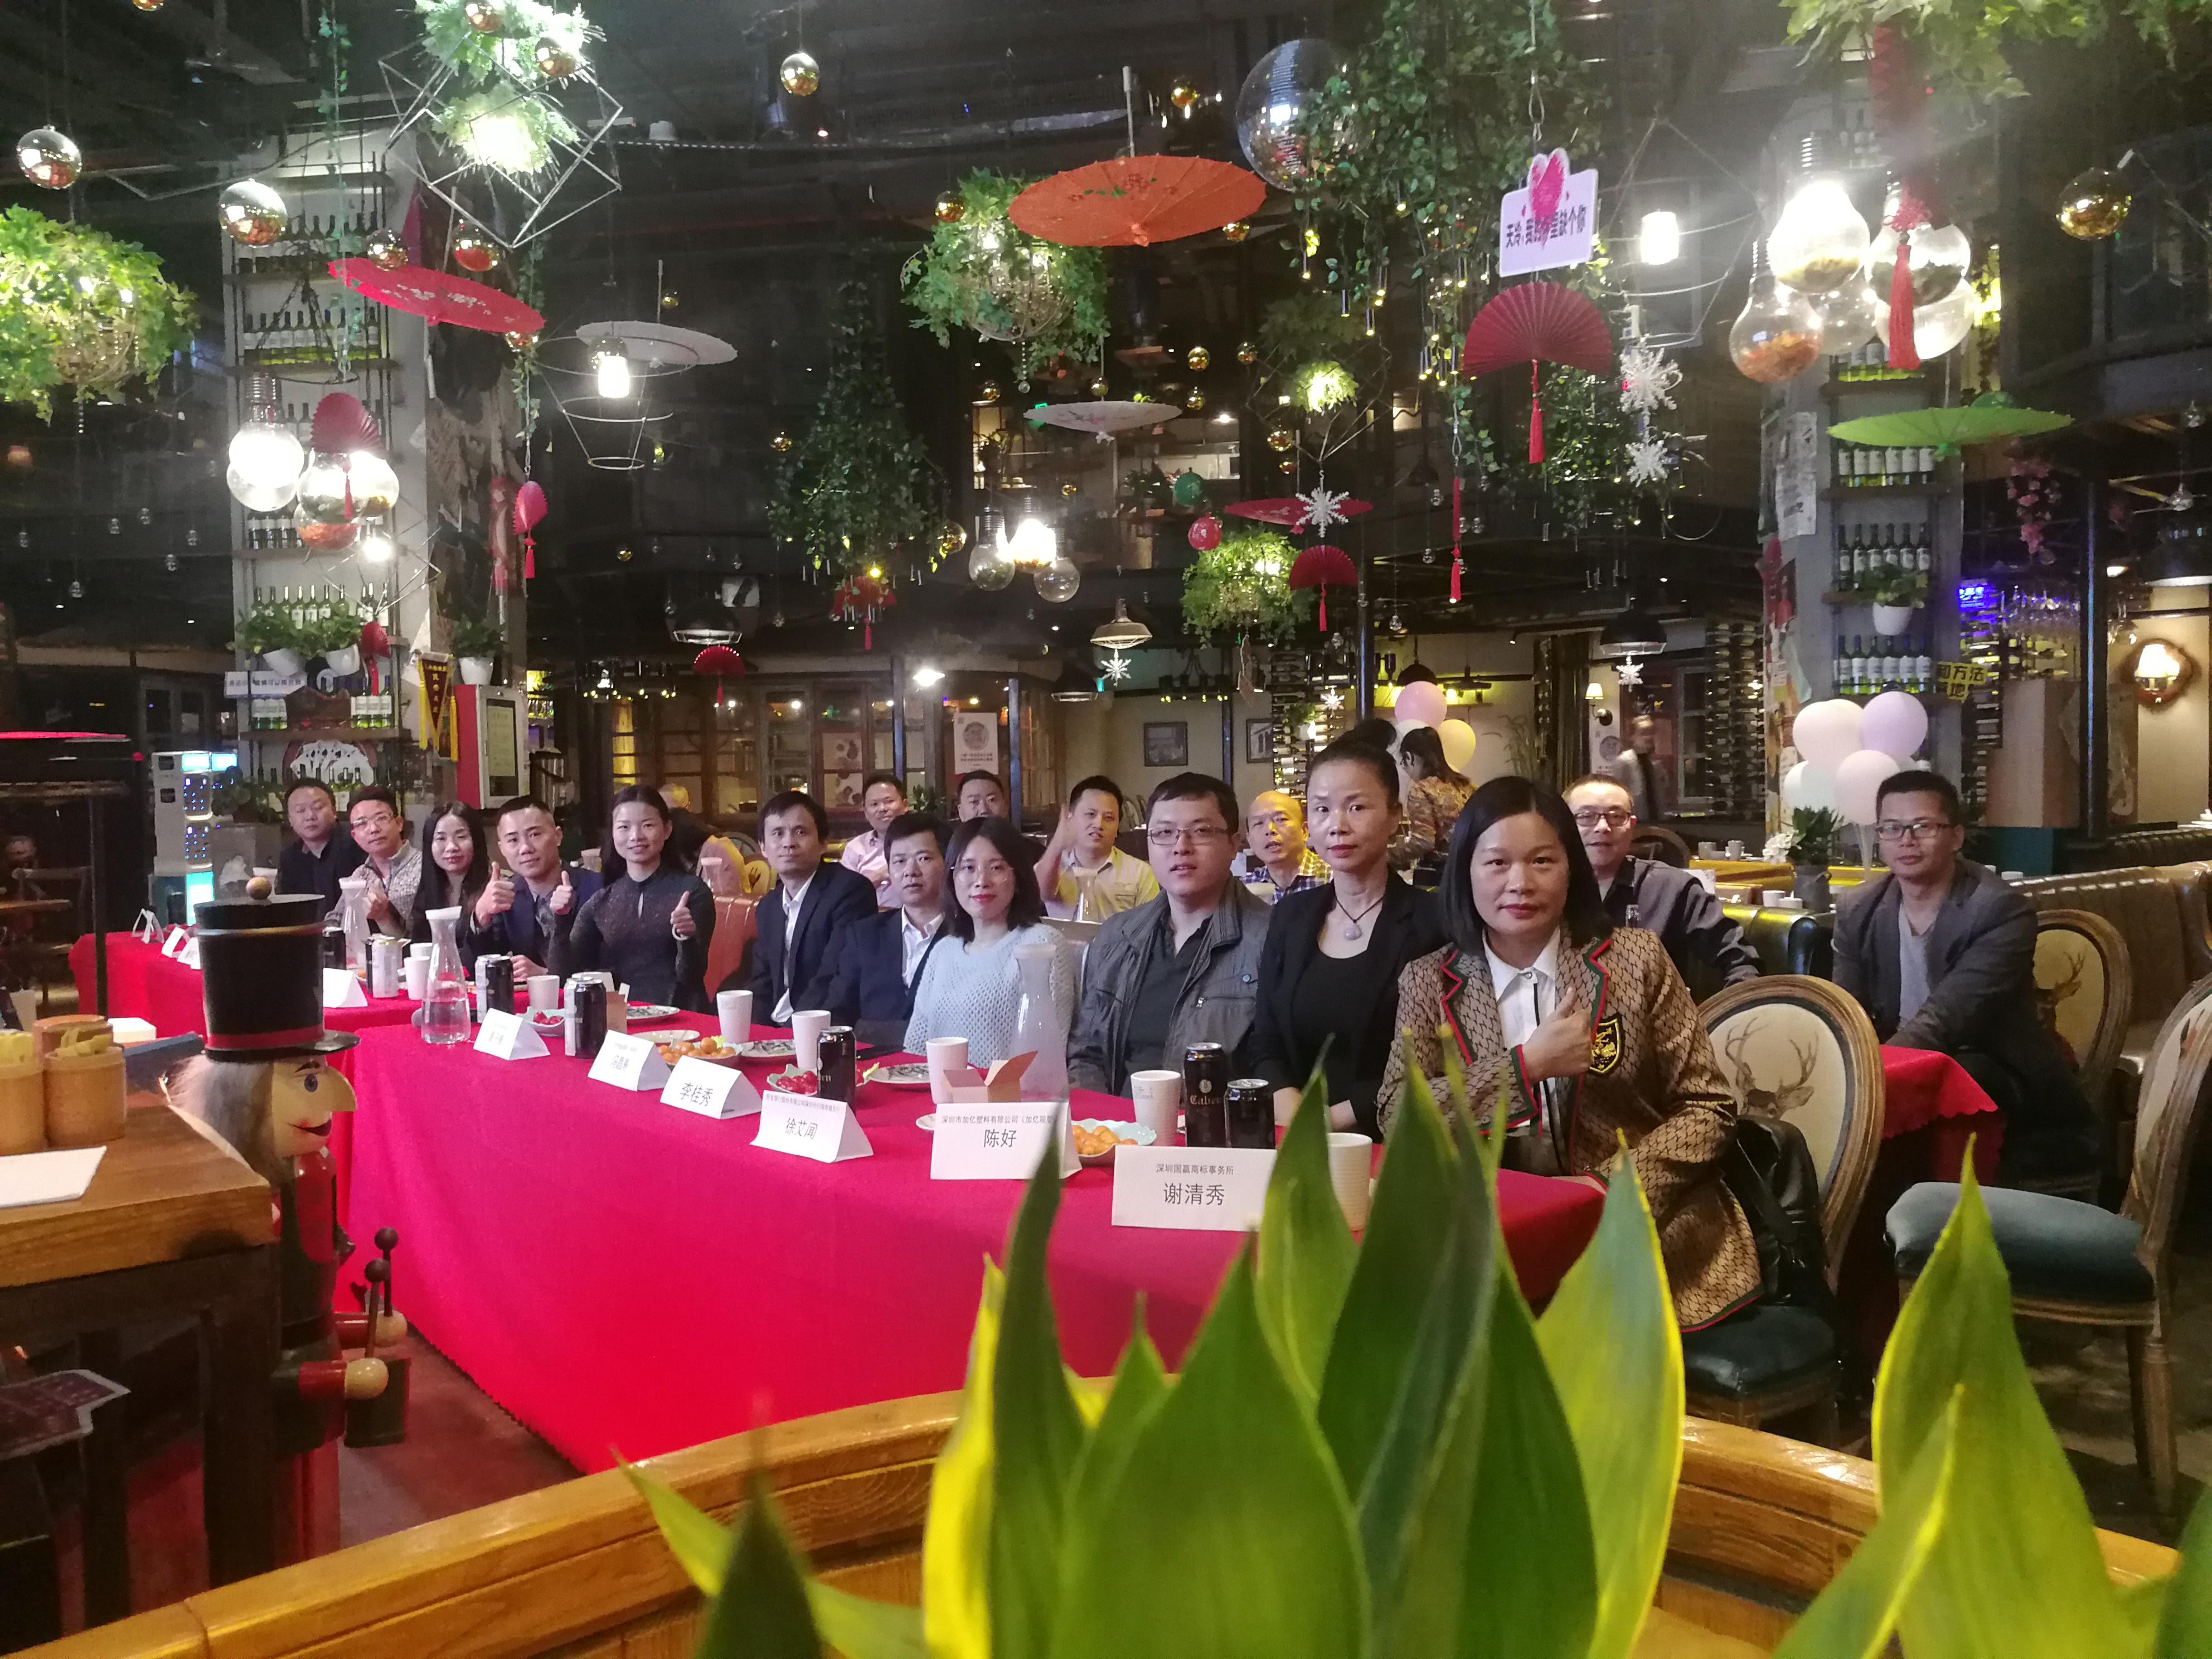 共享圈(深爱榜)企业家下午茶第14期主题沙龙在福永胡桃里音乐酒馆成功举办